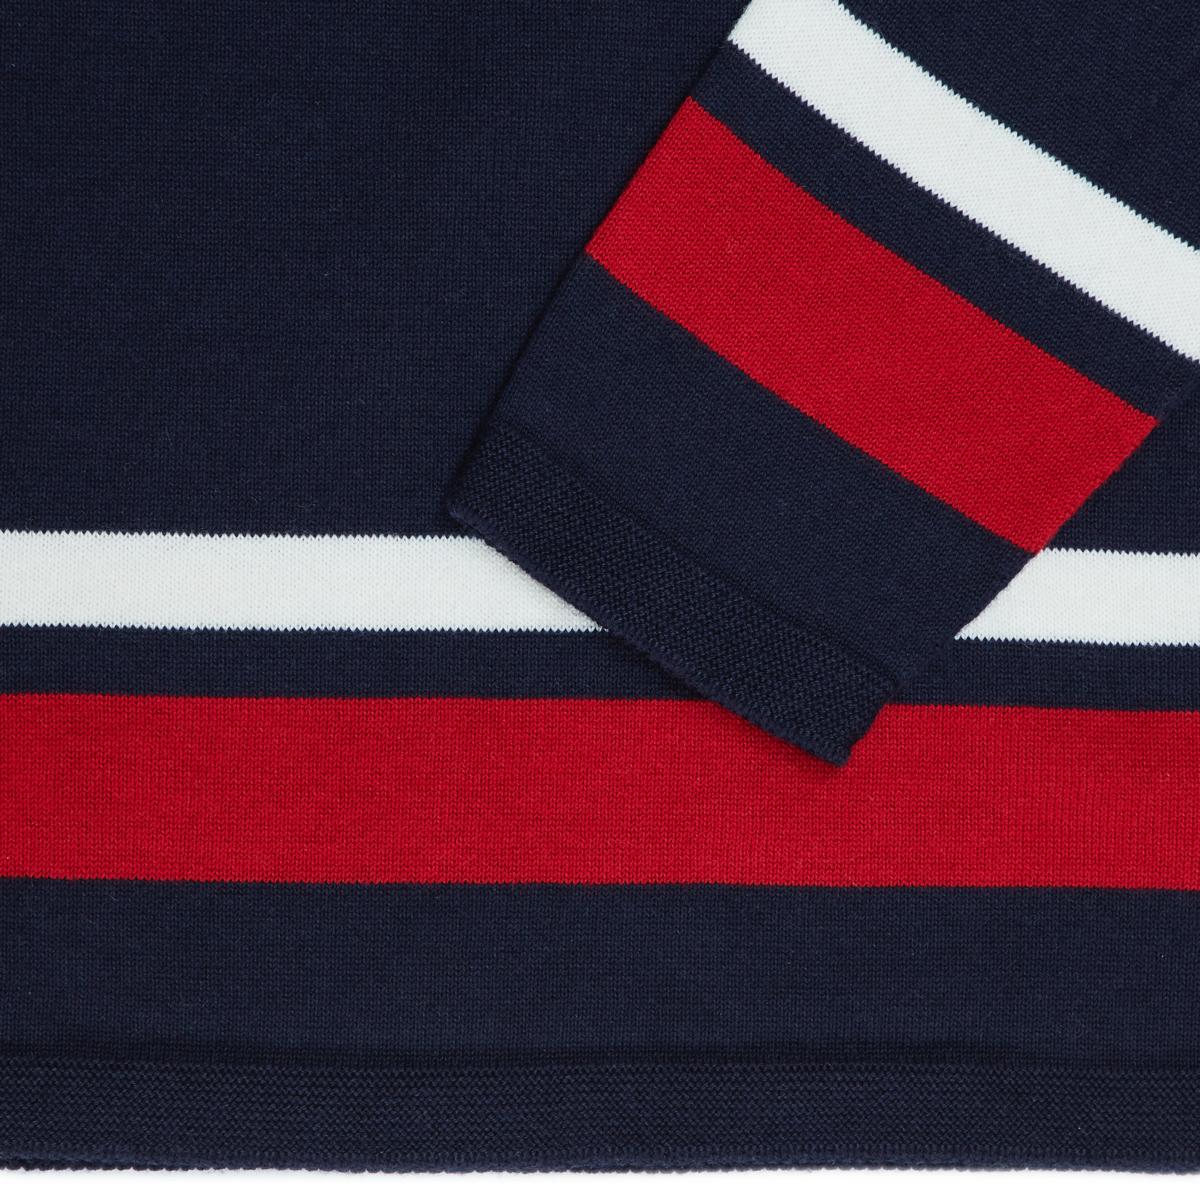 縫い目がない「カシミア混ニット」|Sサイズ(ボーダー)縫い目がない理想的な着心地、ホールガーメント・カシミア混長袖ニット